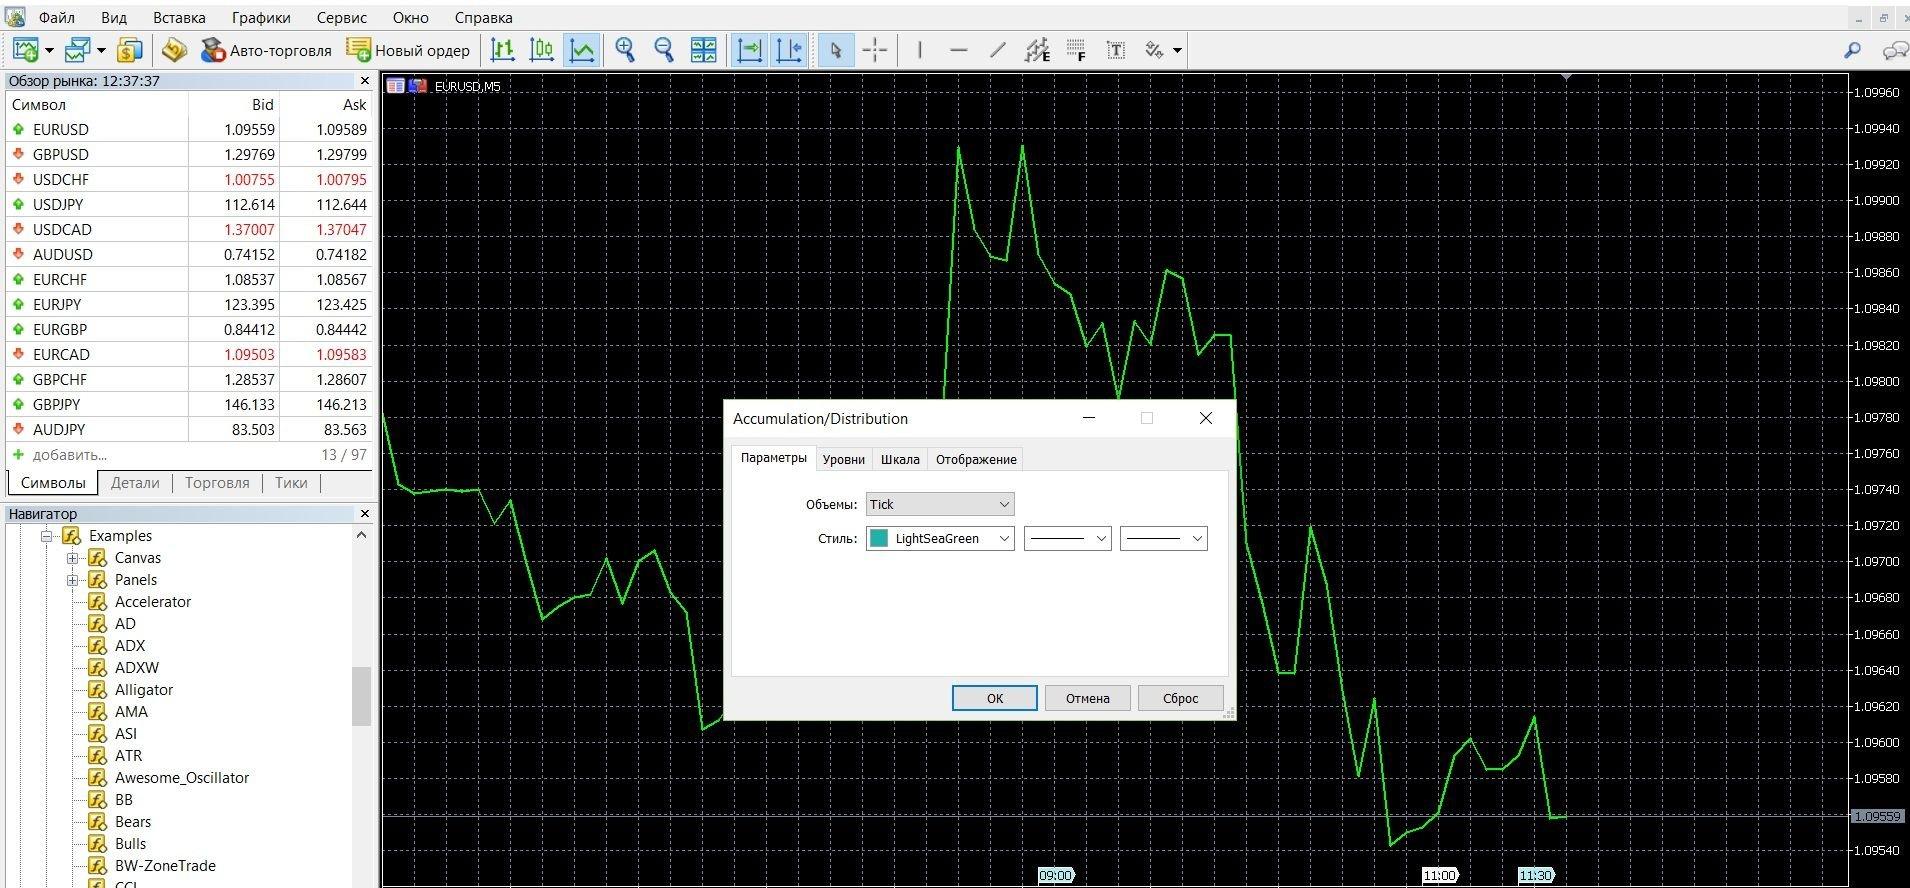 Нужна ли установка индикаторов A/D в платформу Метатрейдер 4?